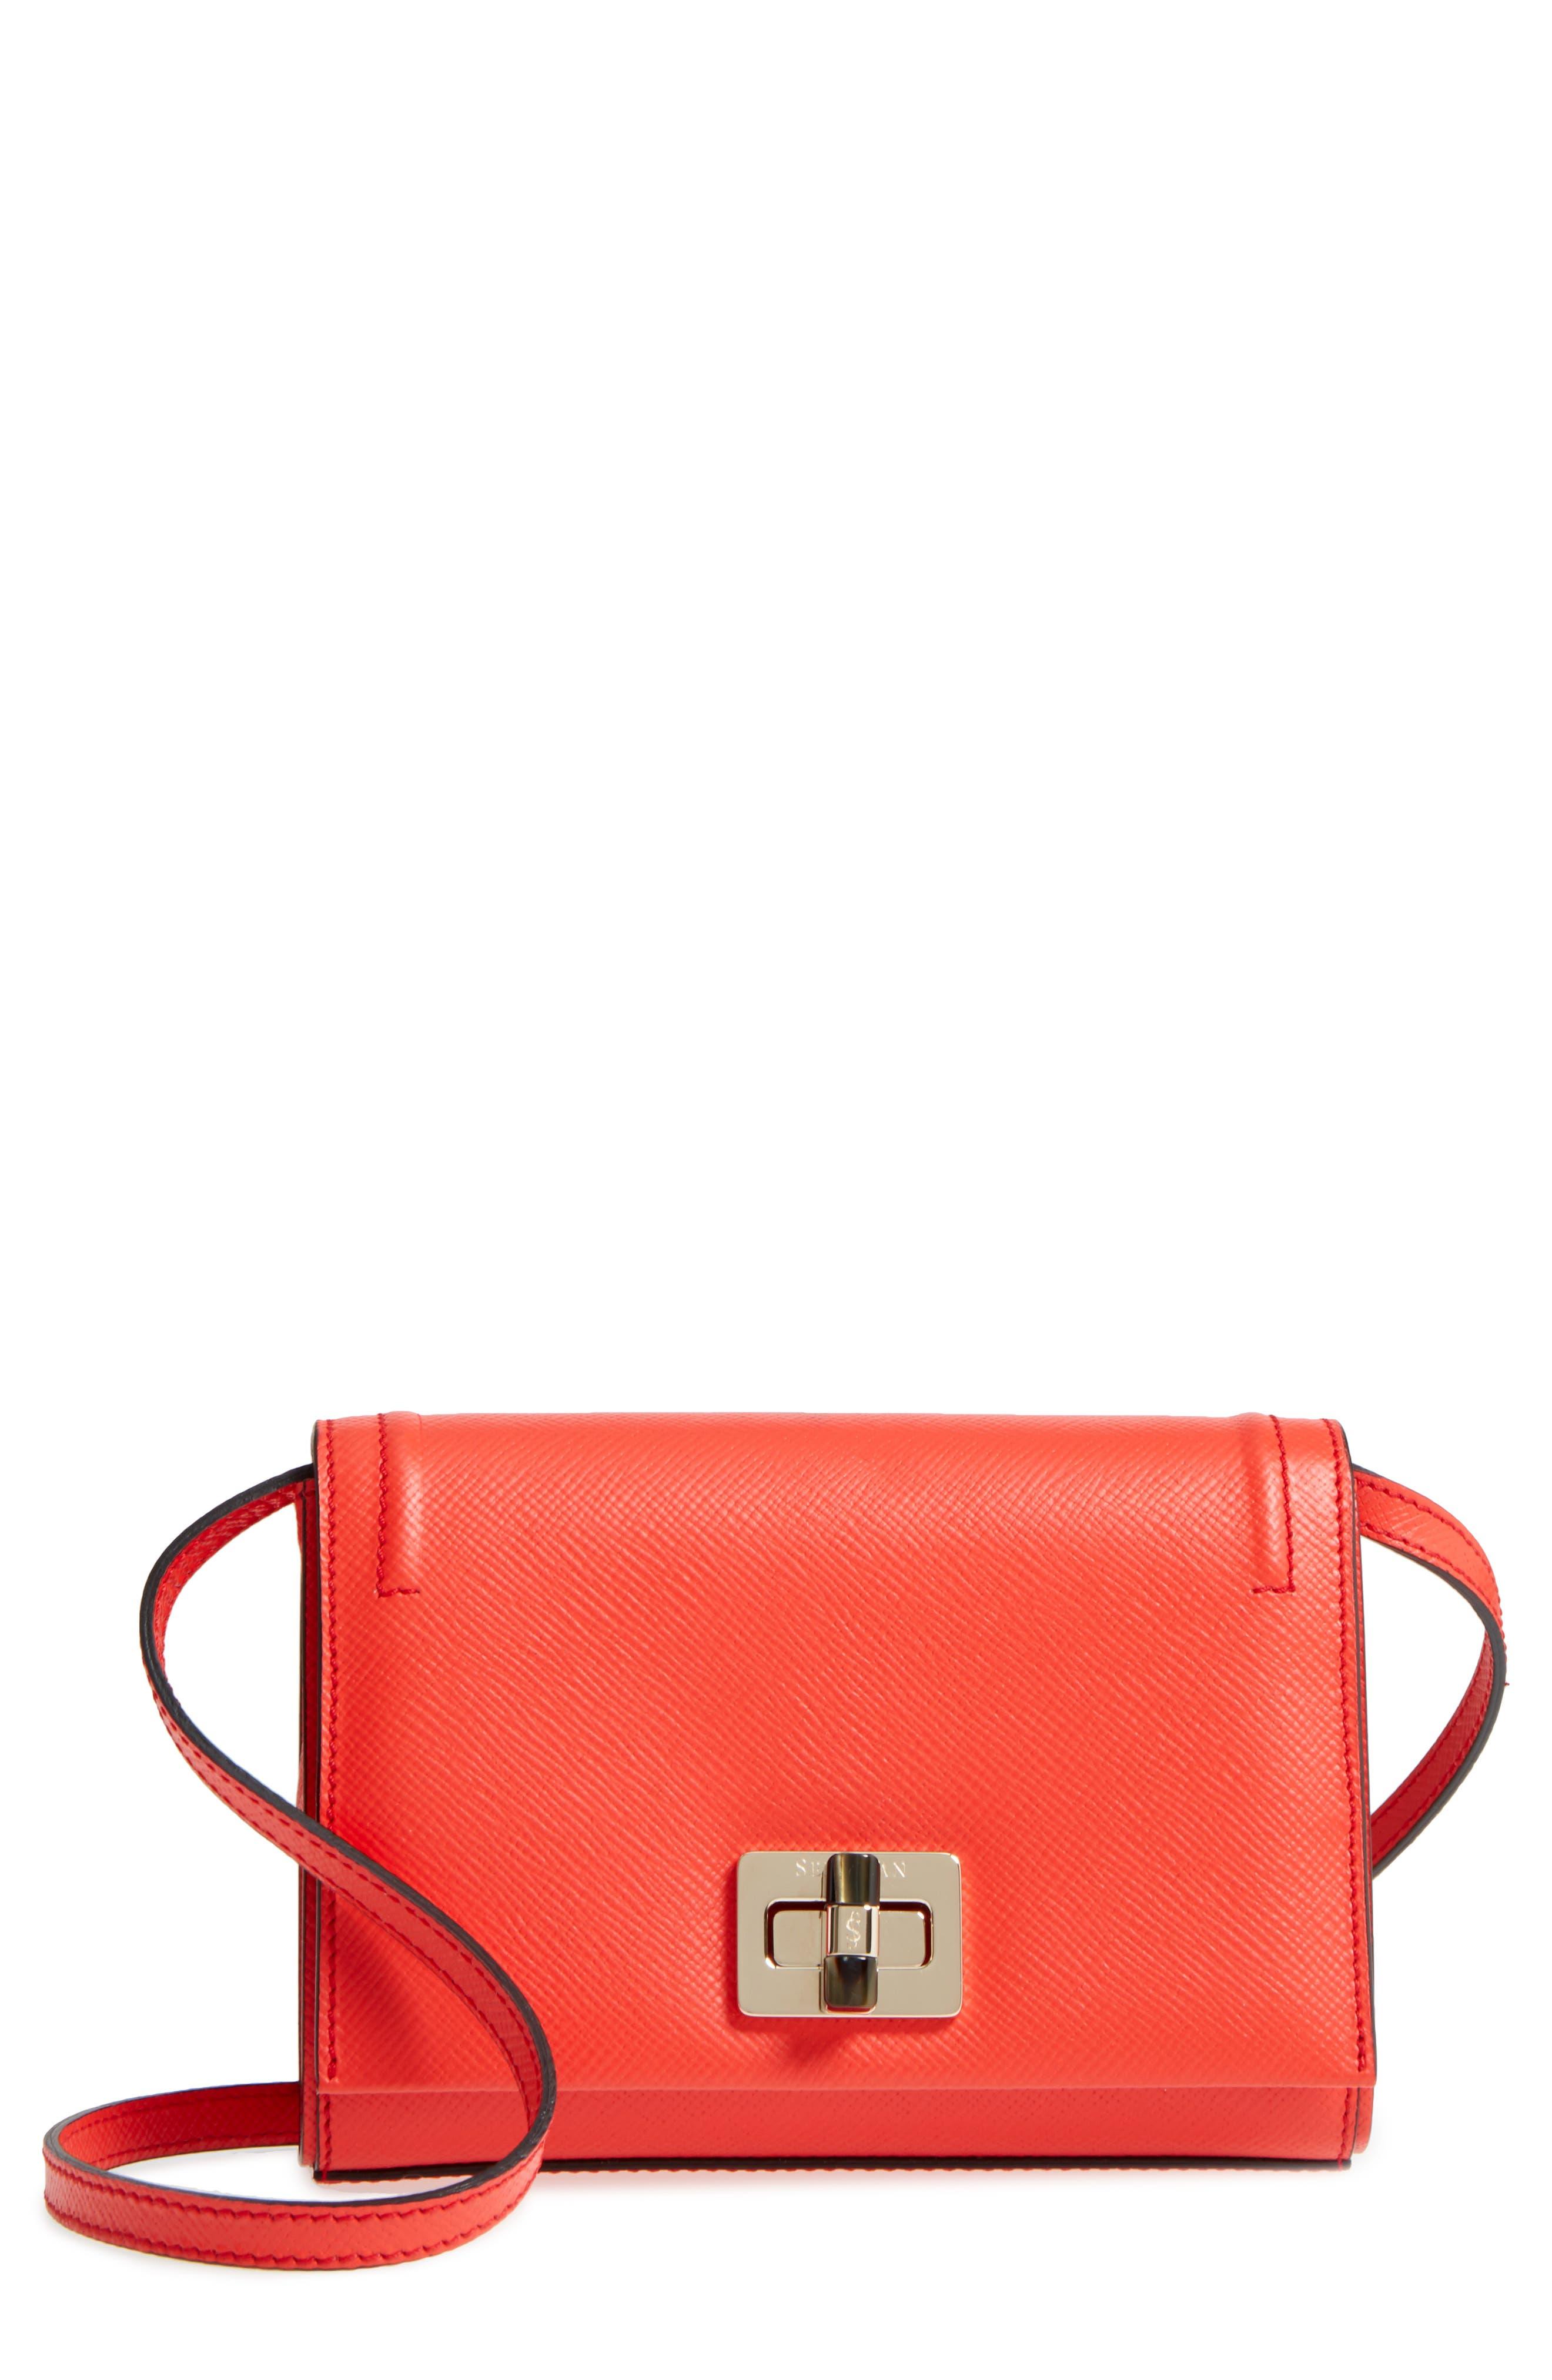 Mini Ilenea Leather Crossbody Bag,                             Main thumbnail 1, color,                             Coral Red